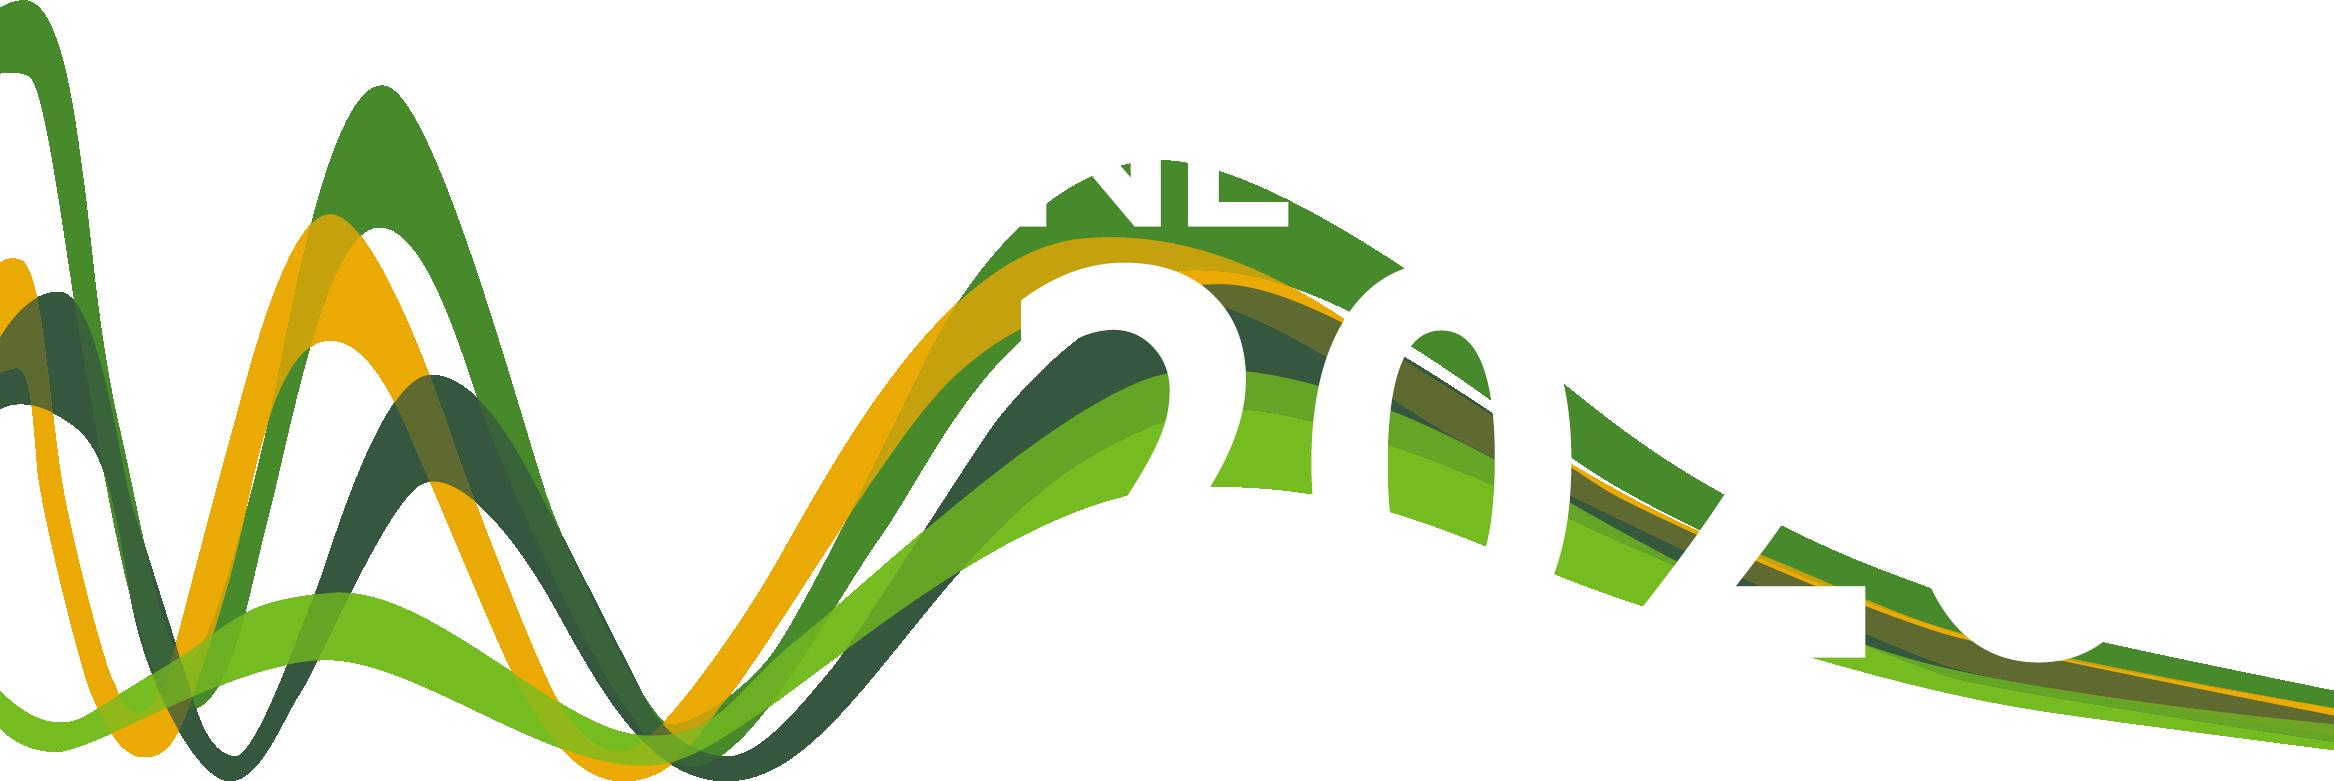 Neutrino 2020